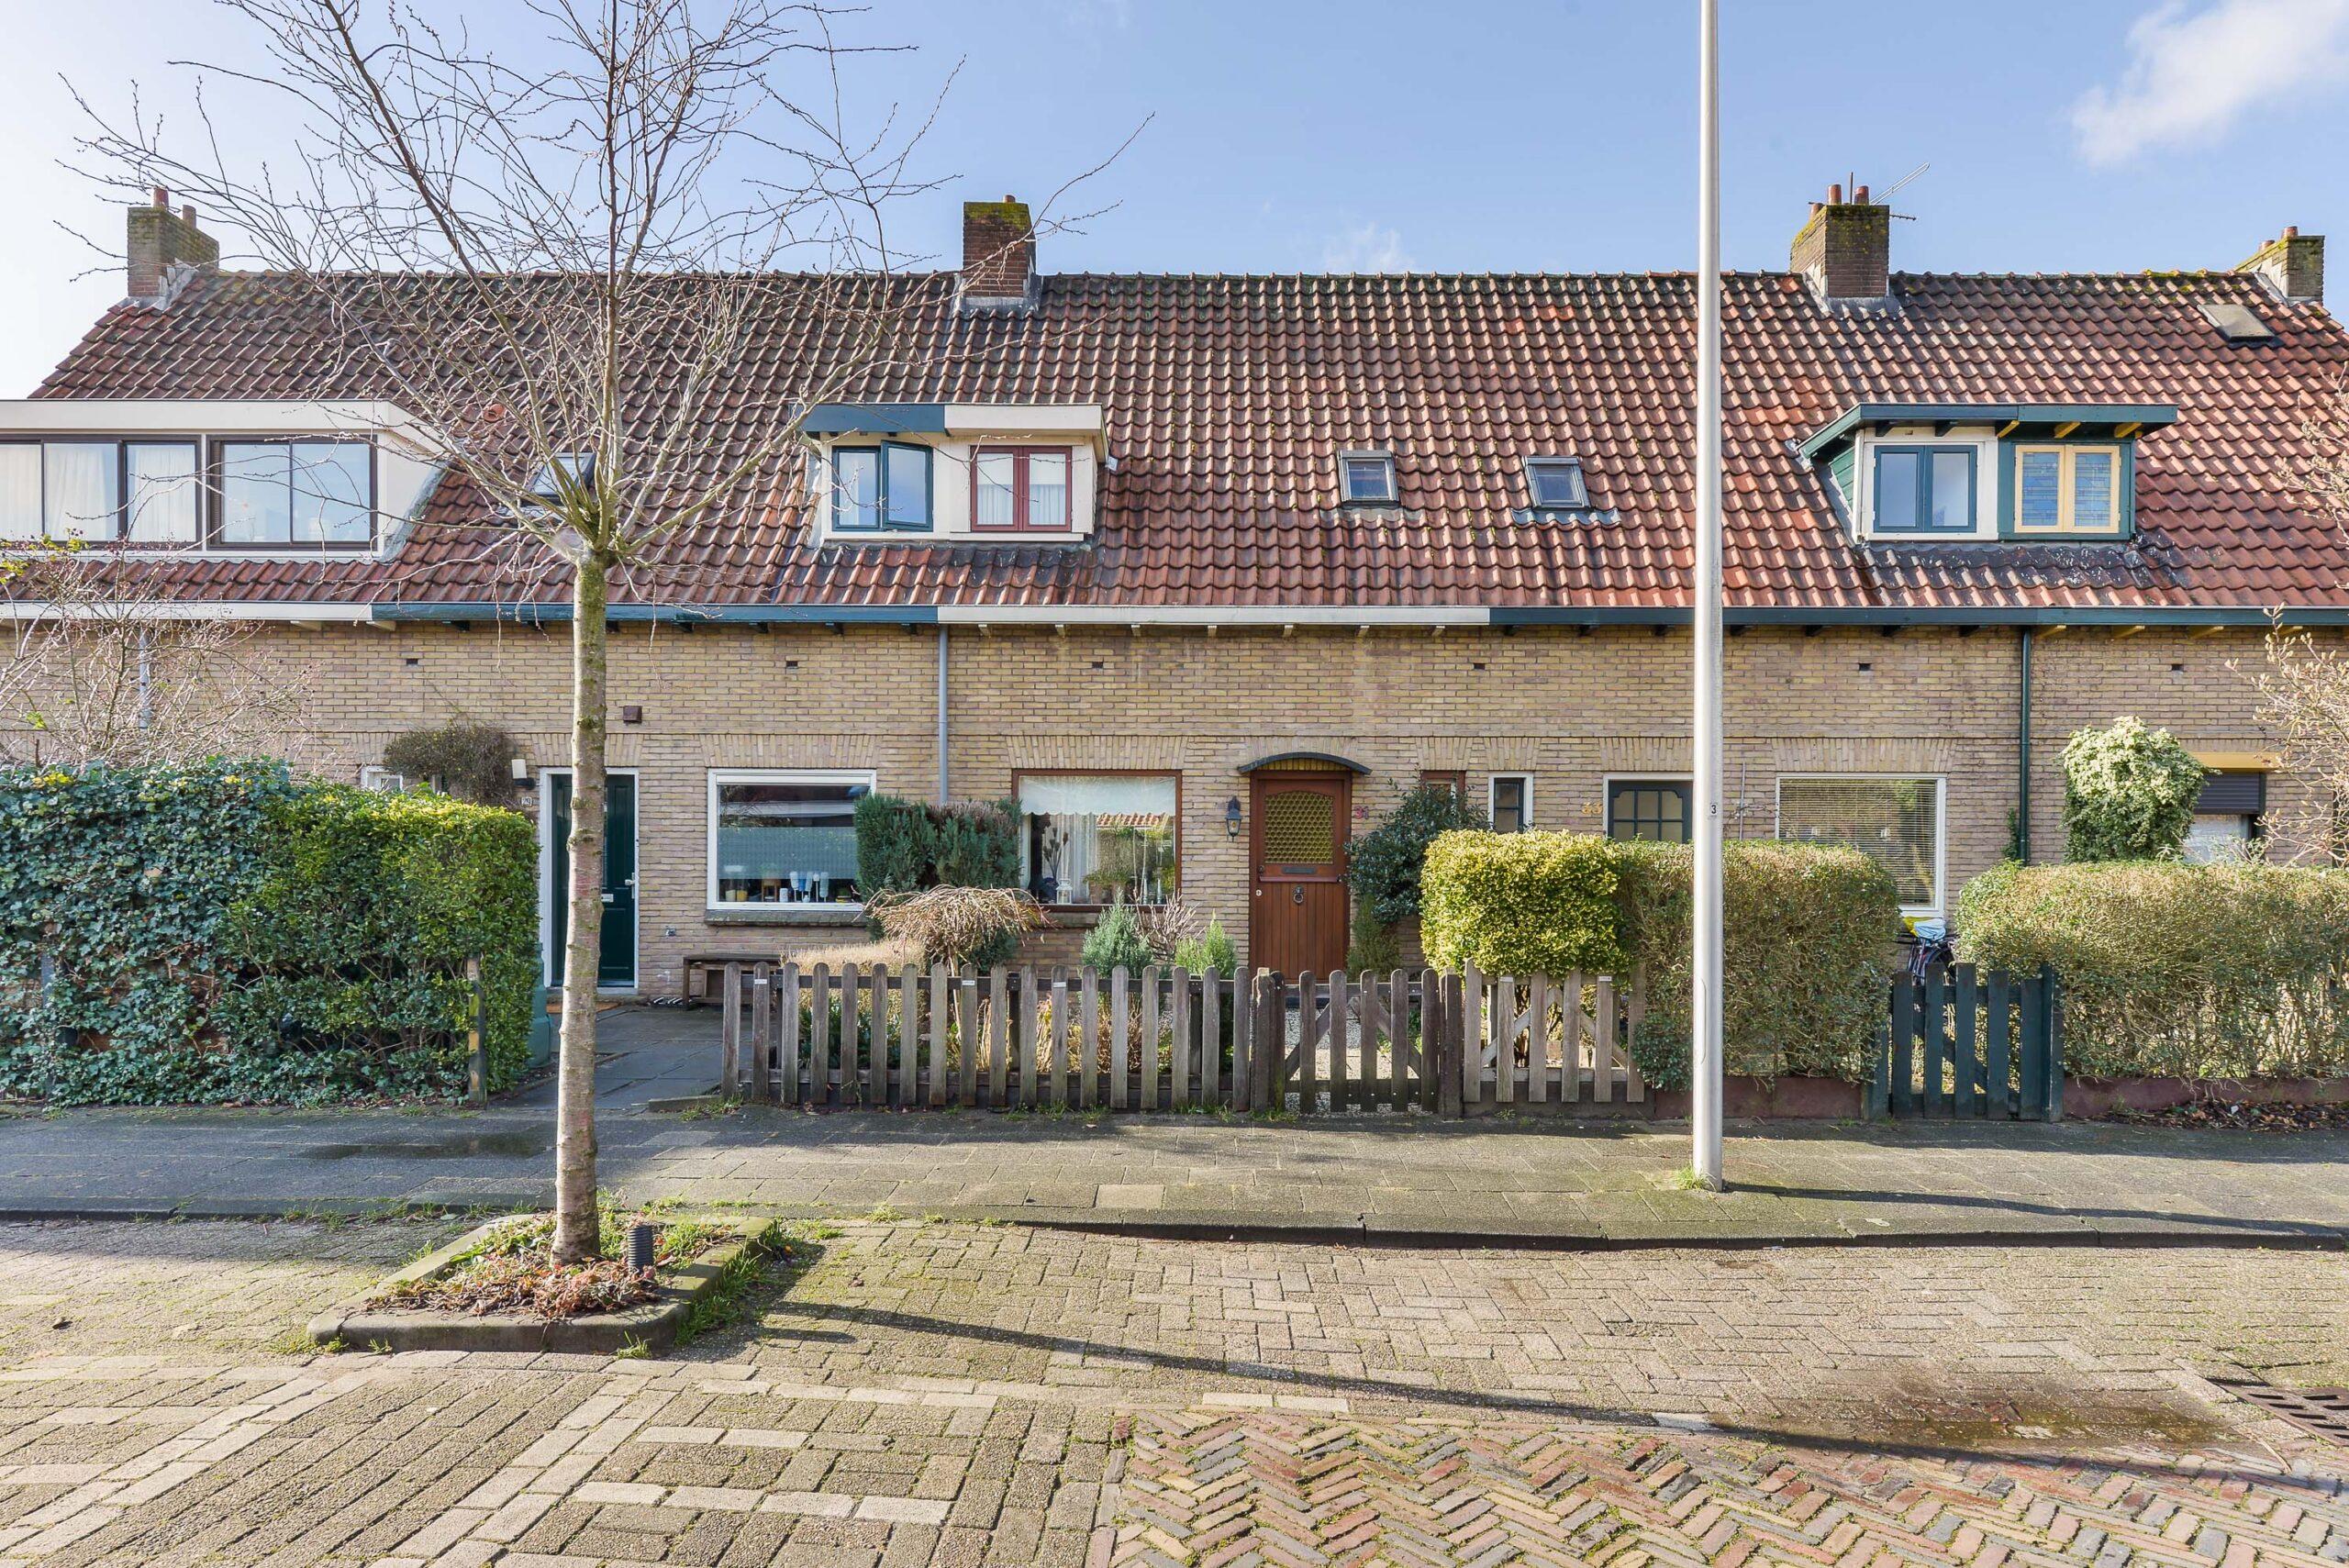 Stephensonstraat 31, 3553 GR Utrecht